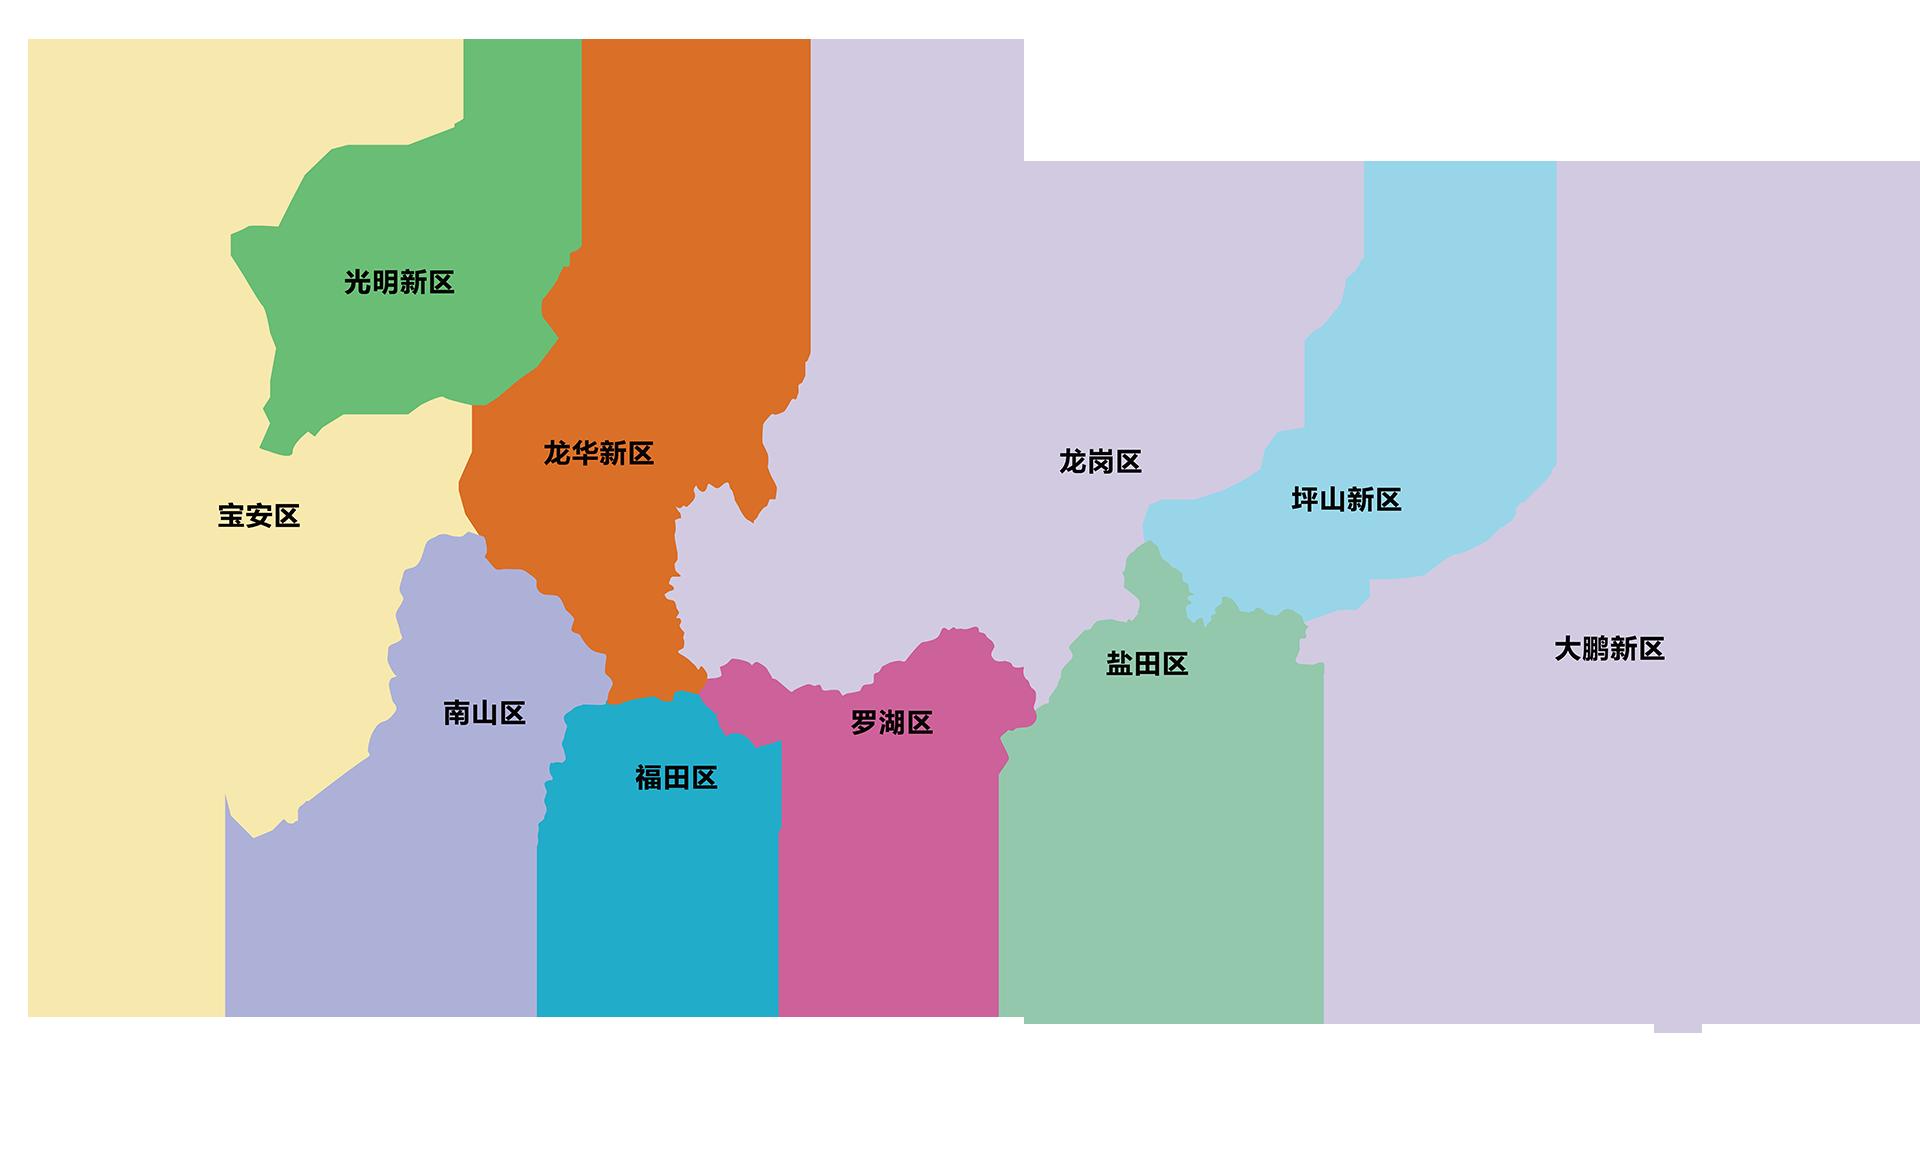 北京市公租房申请_深圳10区各有什么特点?入户深圳的时候该怎么选择呢? - 知乎